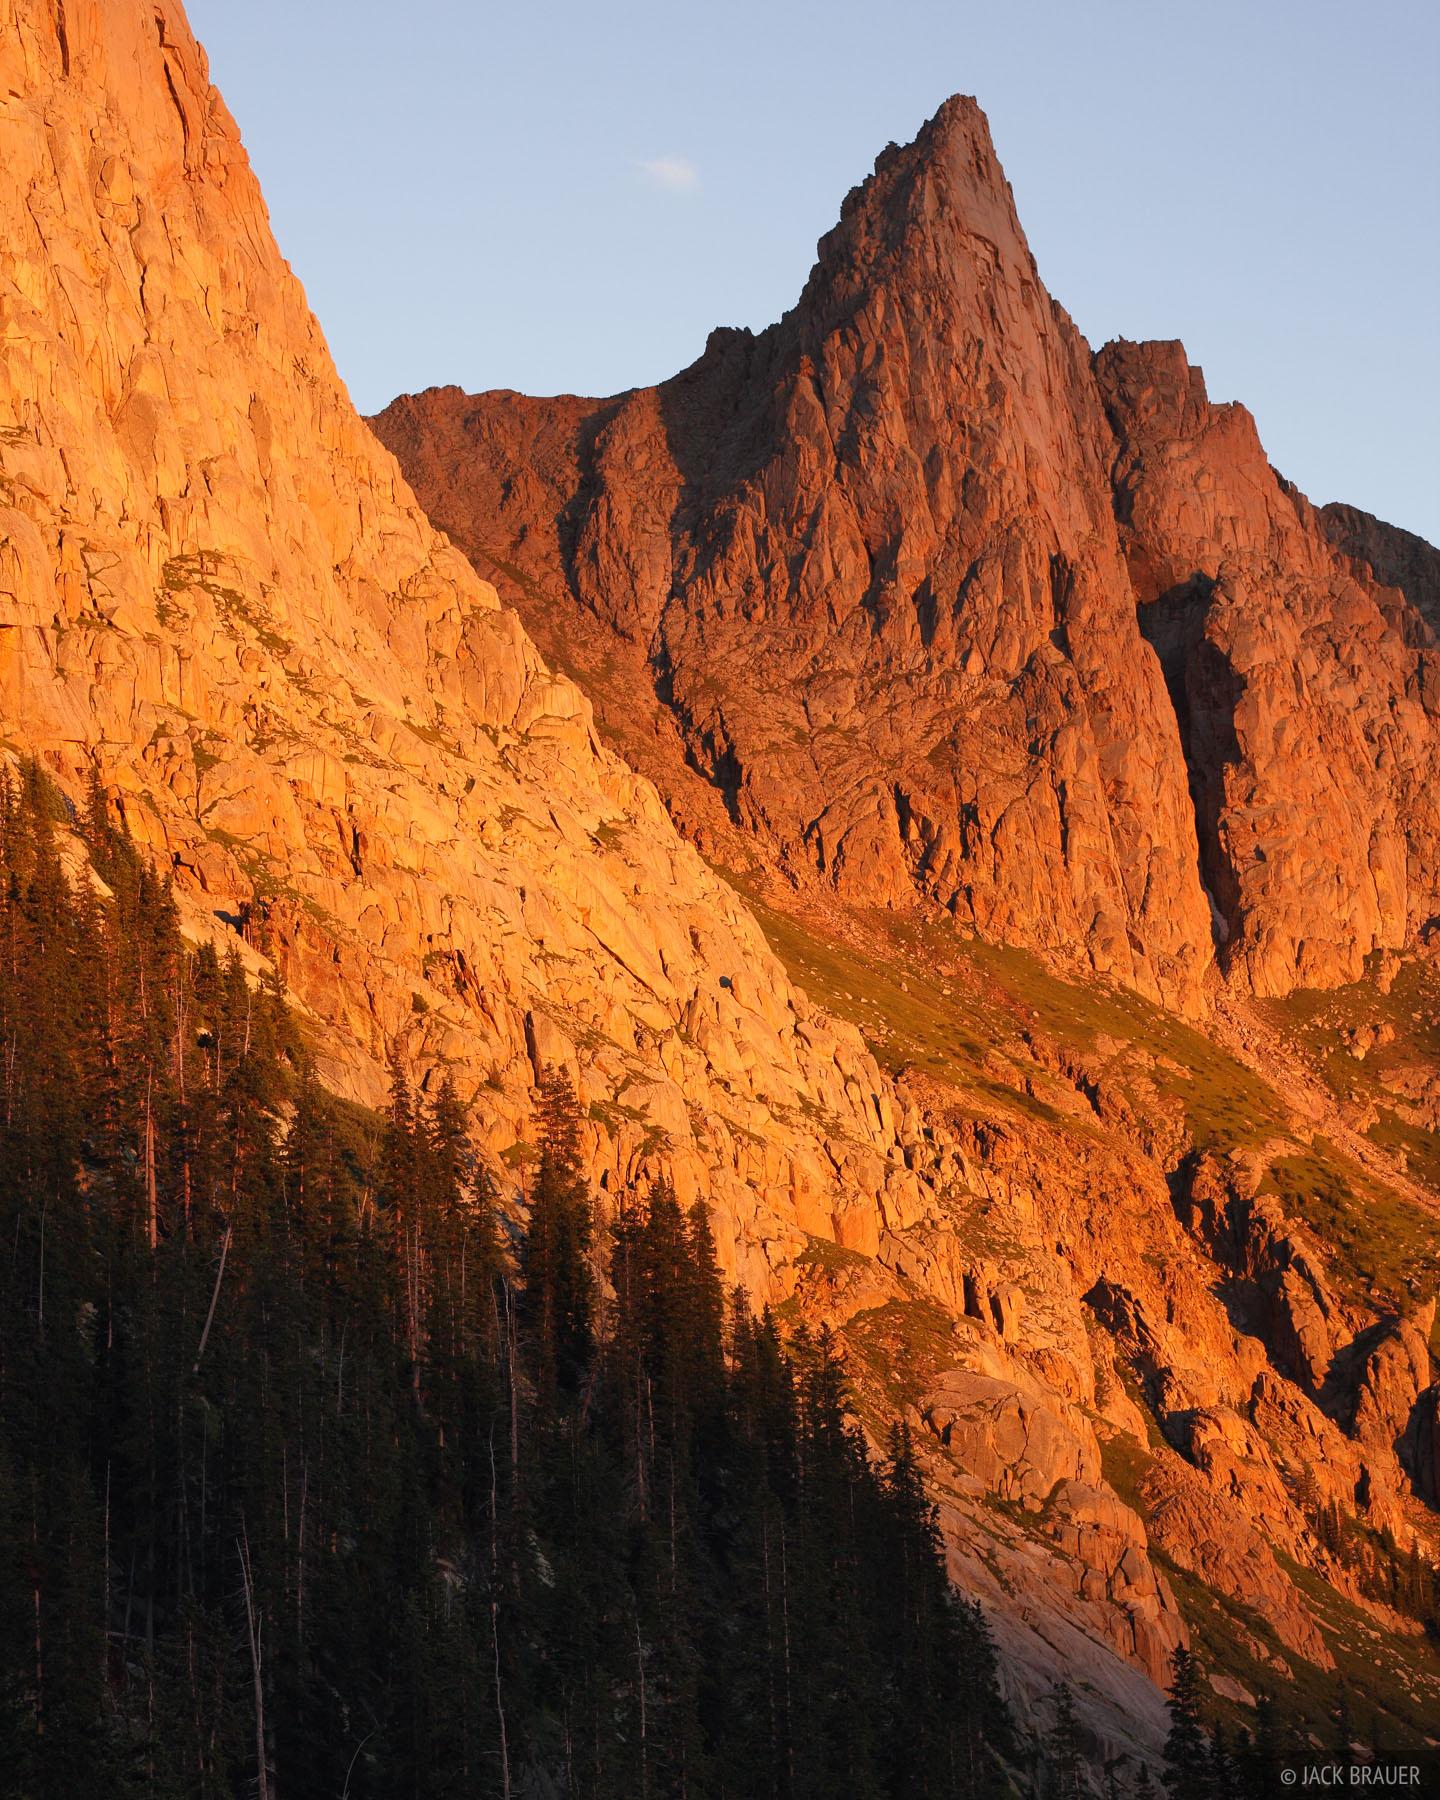 Knife Point, alpenglow, San Juan Mountains, Needle Mountains, Colorado, photo